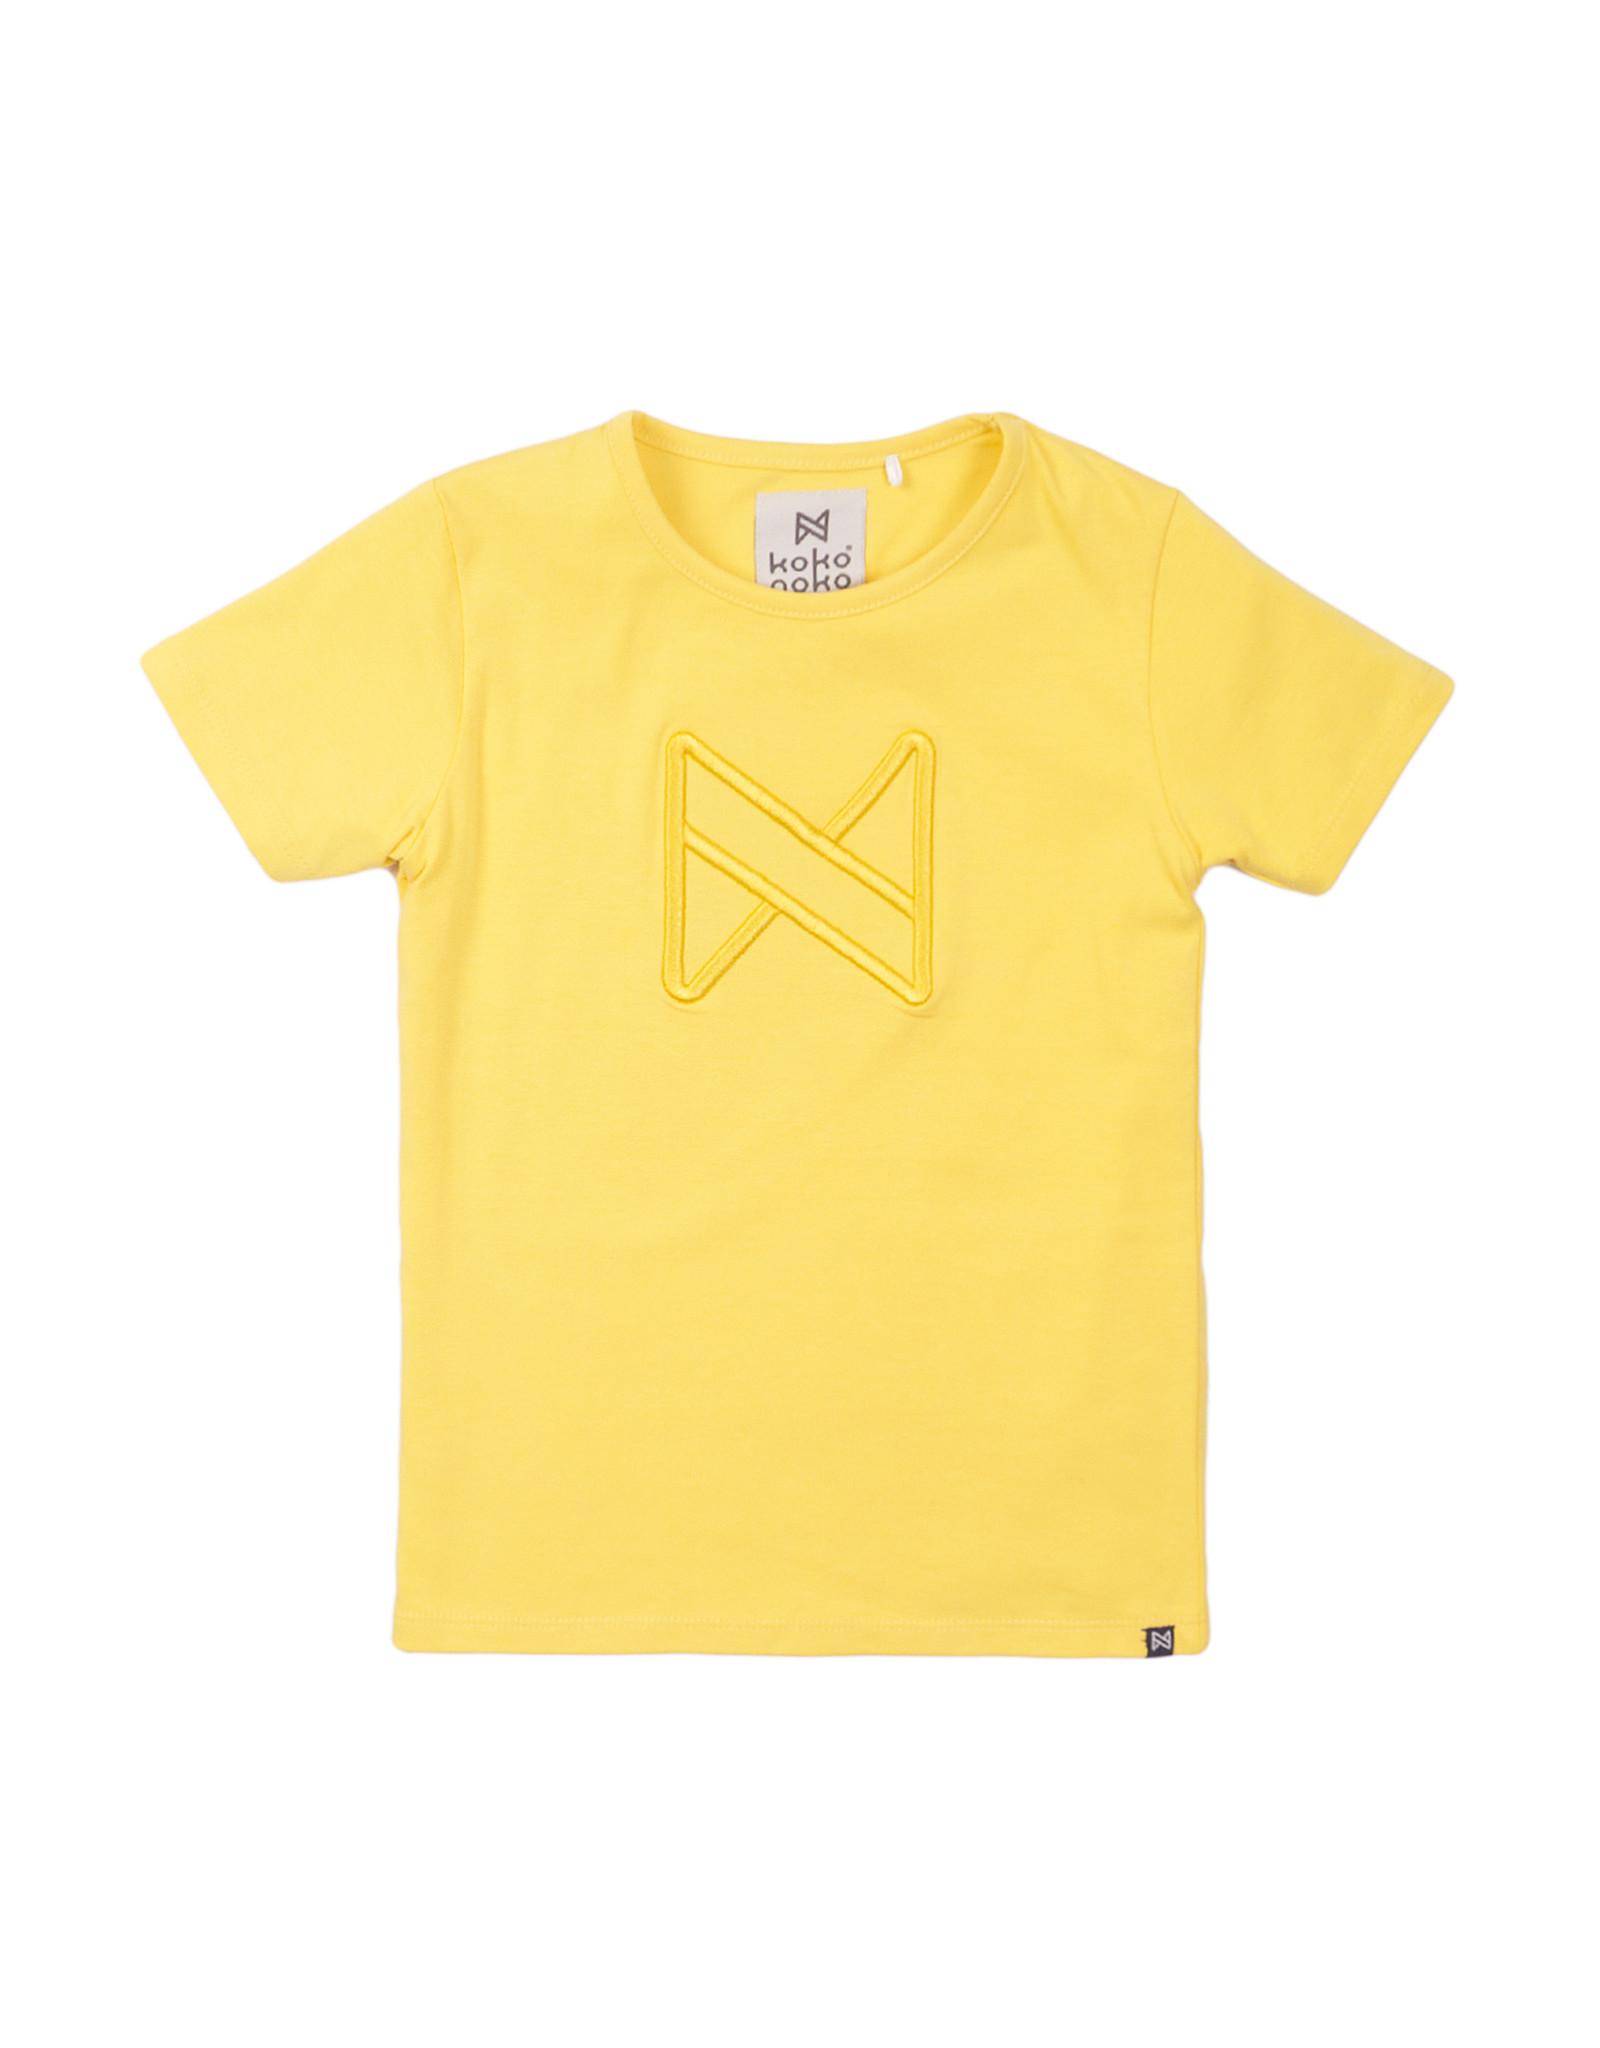 Koko Noko T-shirt ss, Yellow, SS21